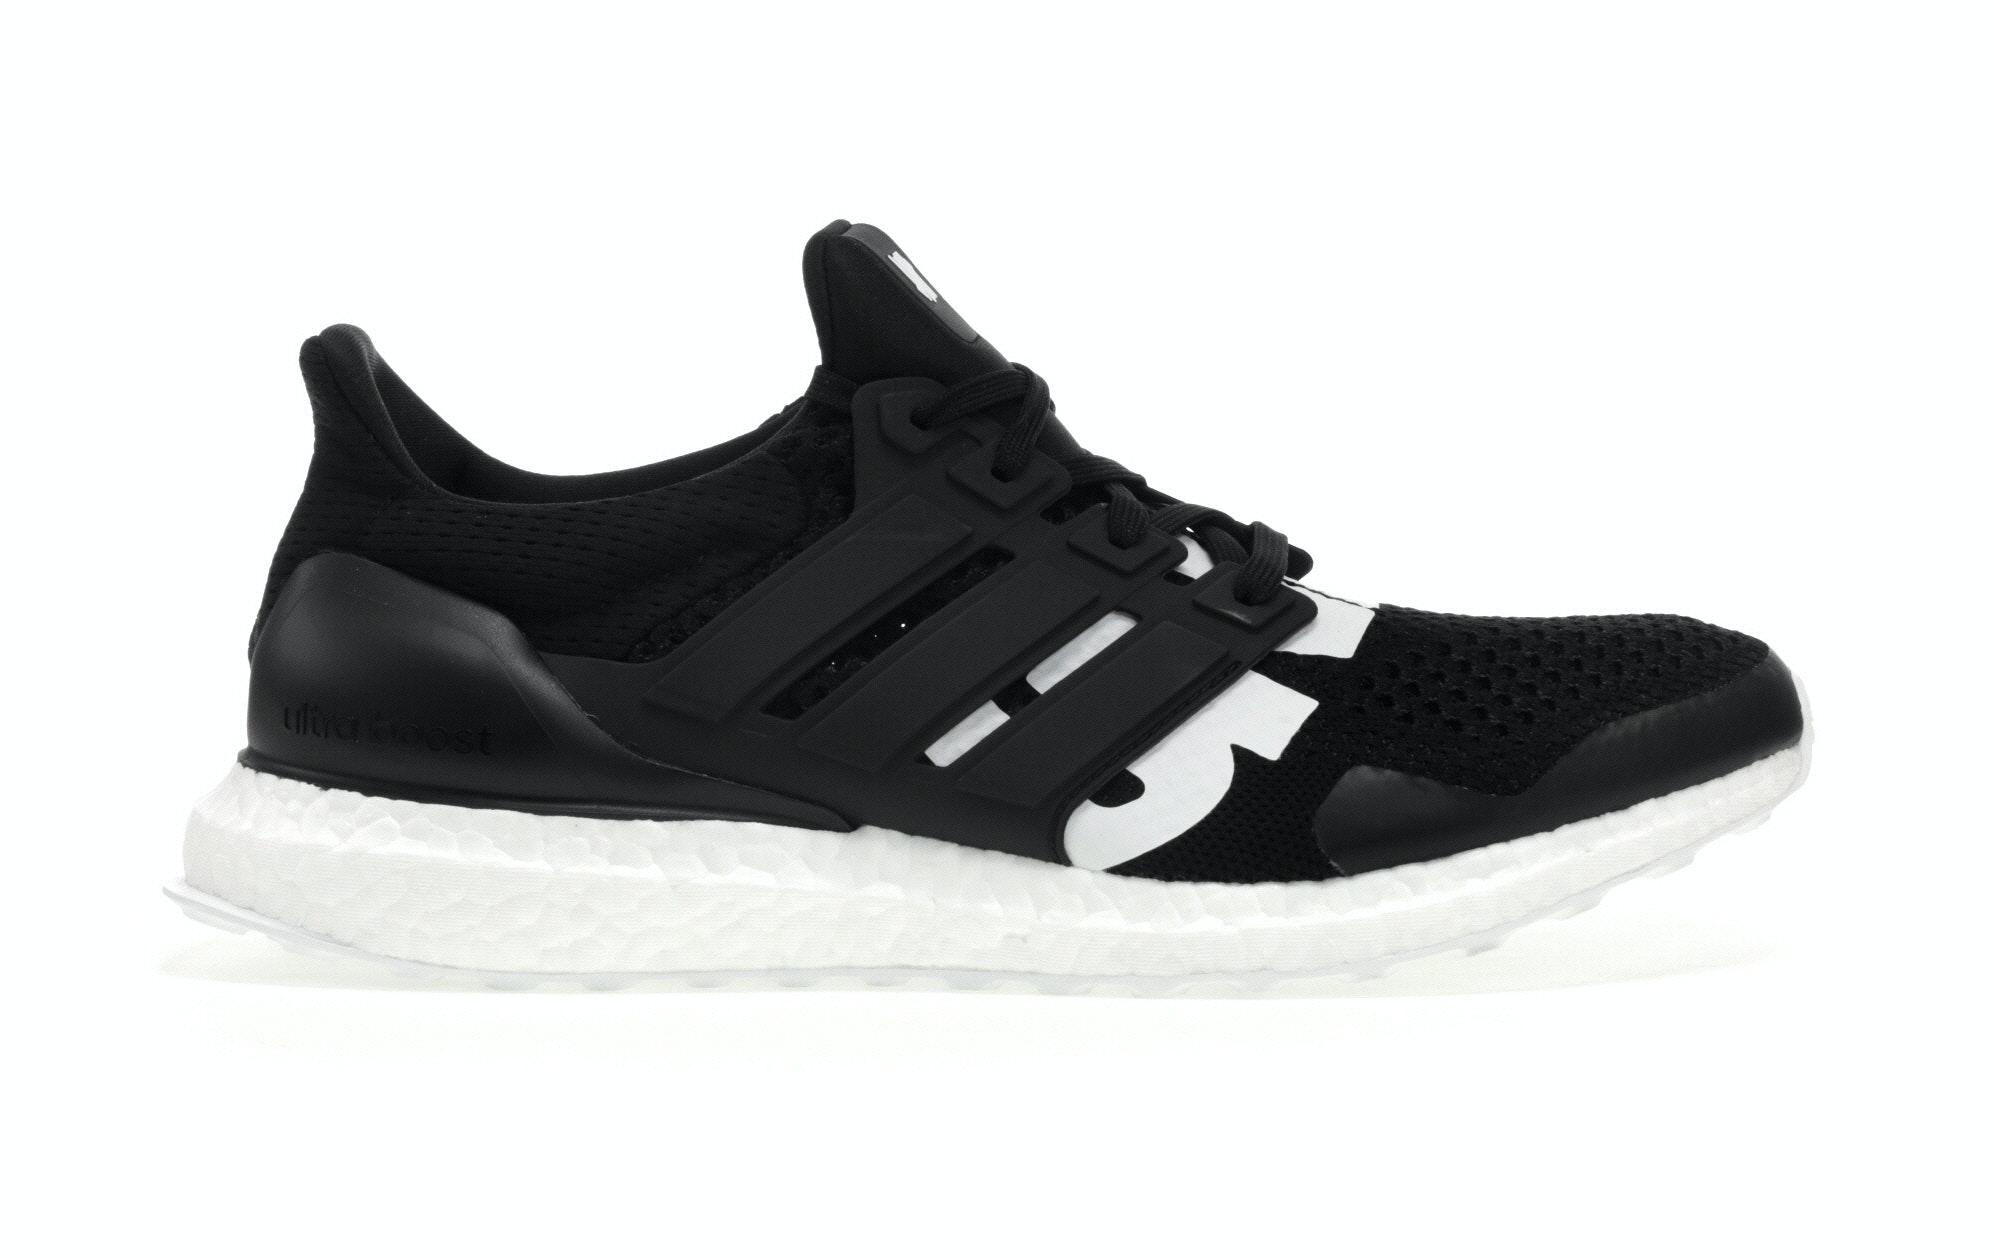 adidas Ultra Boost 1.0 UNDFTD Black